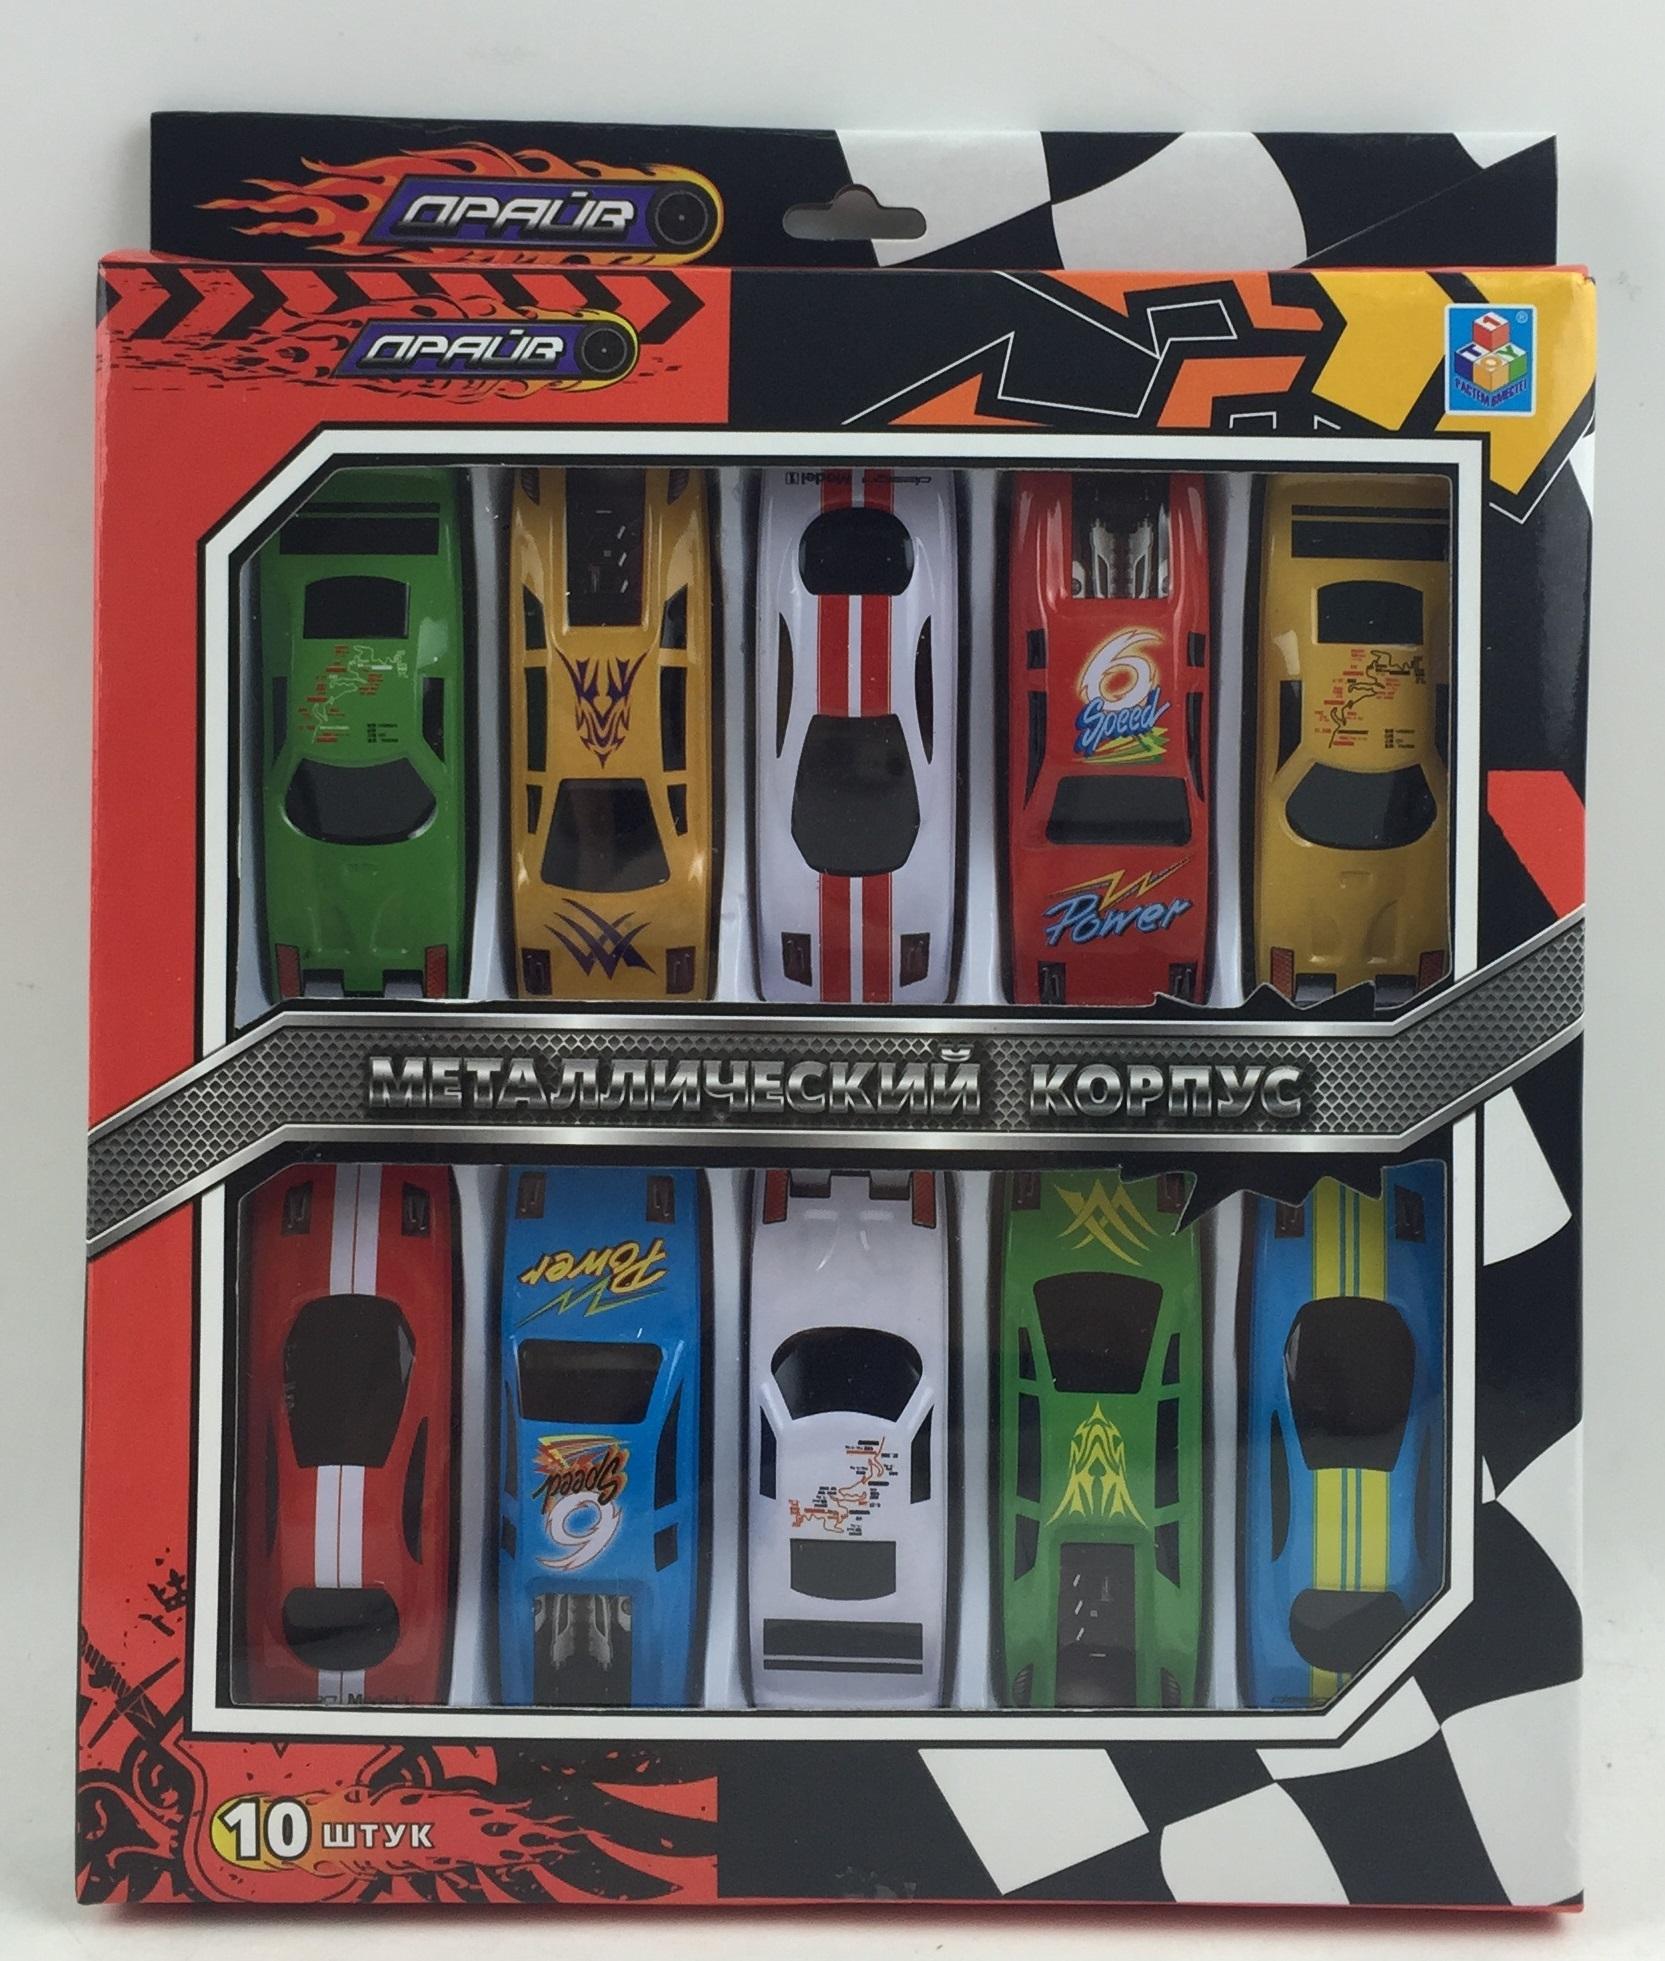 Фото - Машинки и мотоциклы 1toy Набор металлических машинок 1Toy «Драйв» Racing 10 шт. набор школьниика barbie